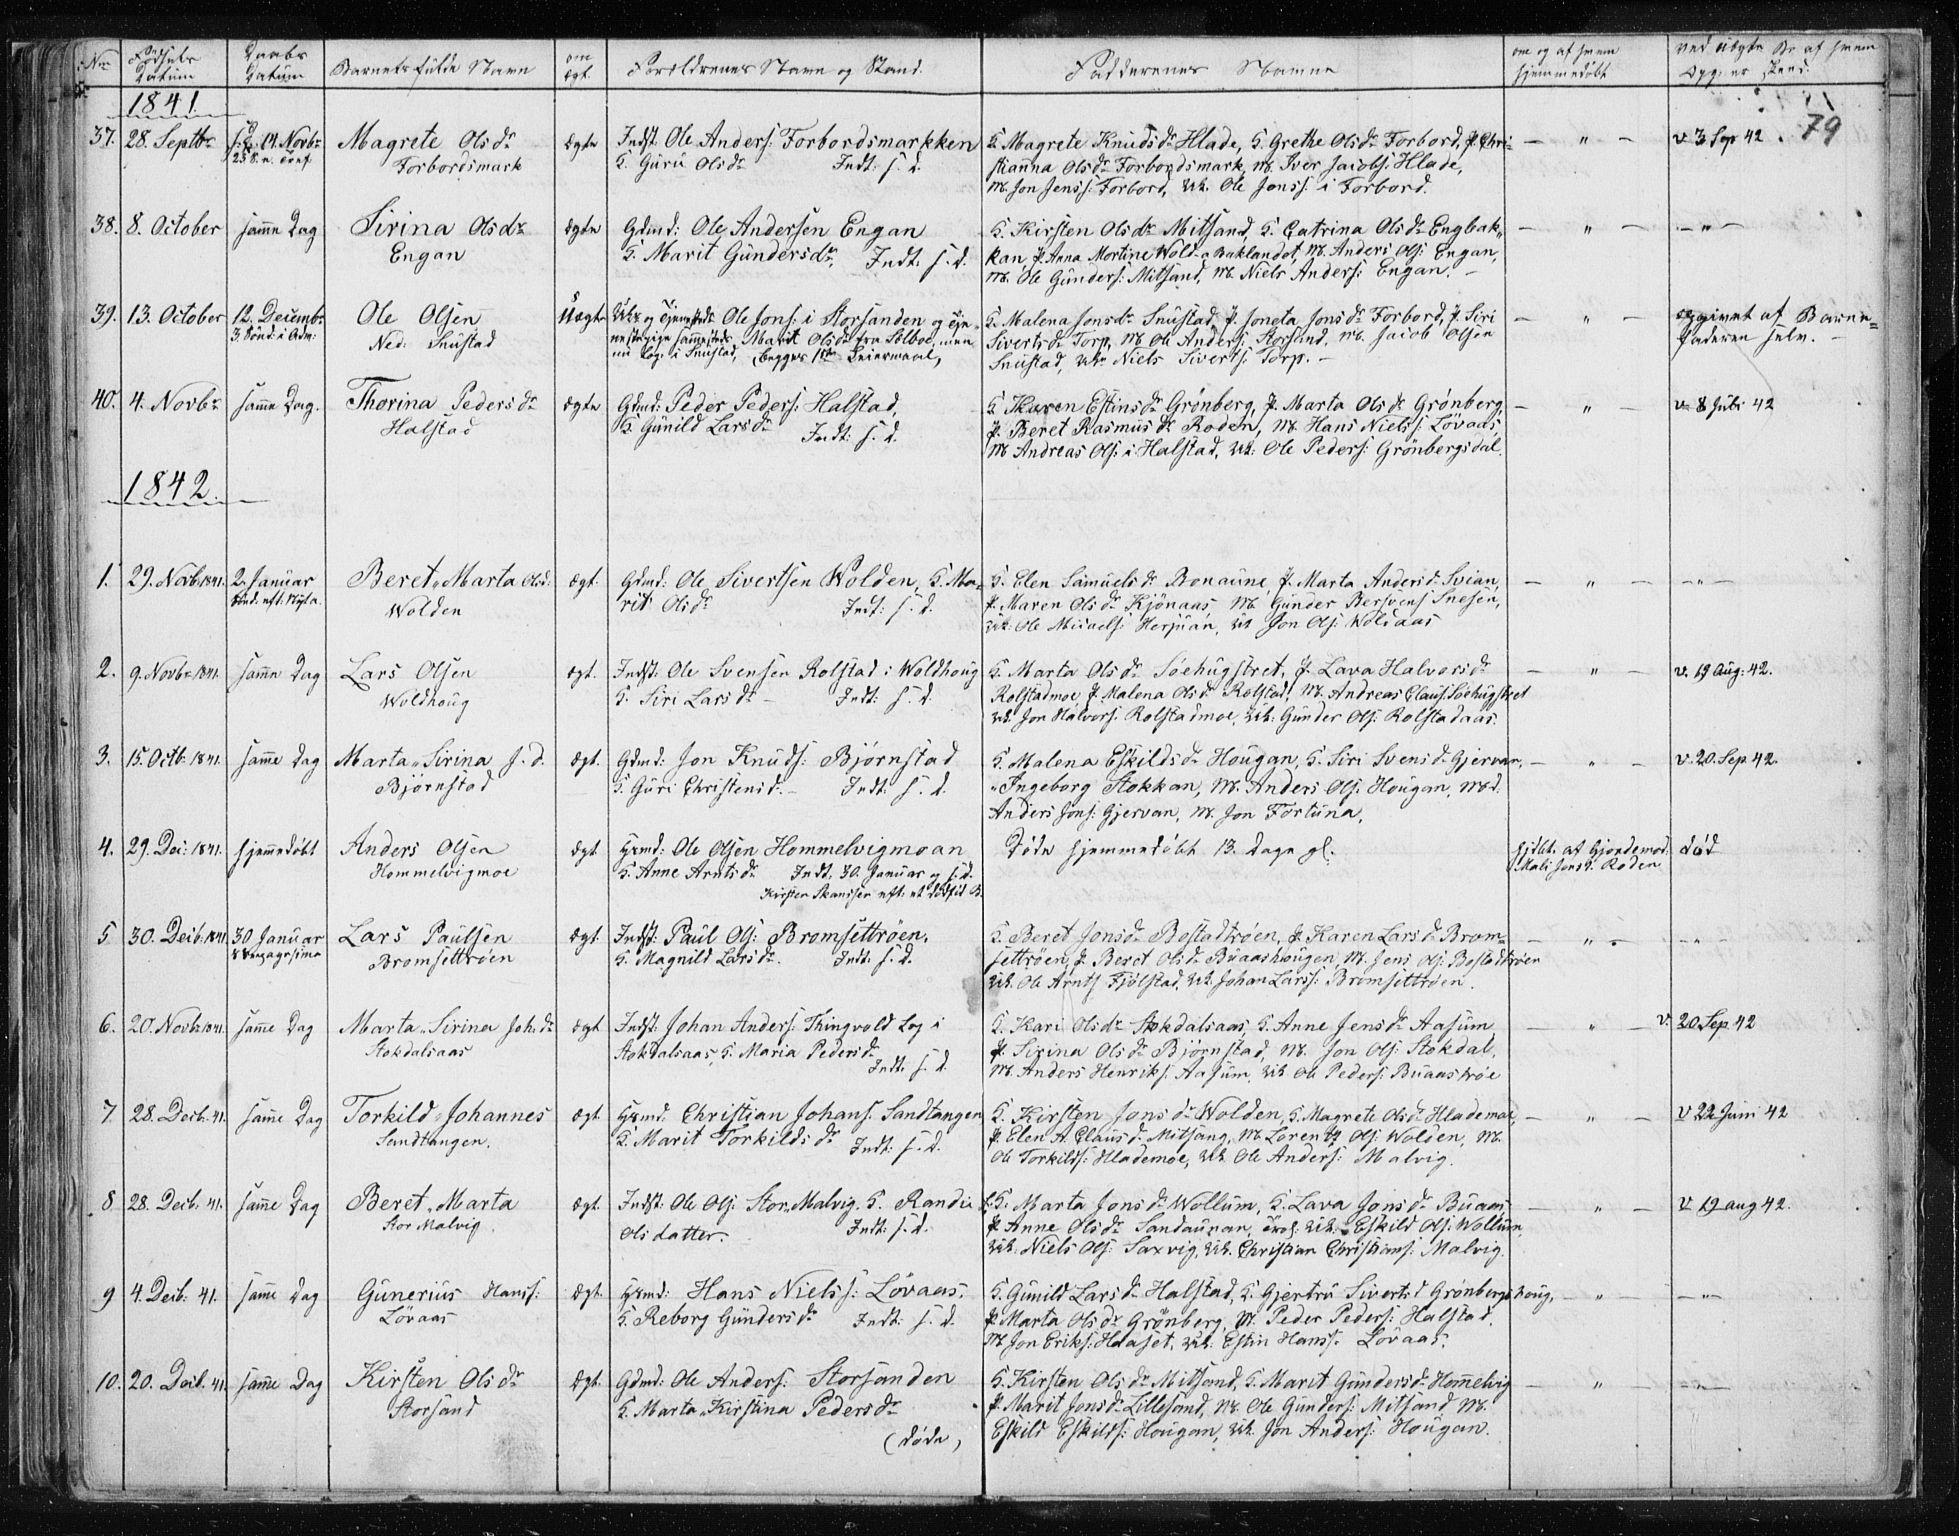 SAT, Ministerialprotokoller, klokkerbøker og fødselsregistre - Sør-Trøndelag, 616/L0405: Ministerialbok nr. 616A02, 1831-1842, s. 79